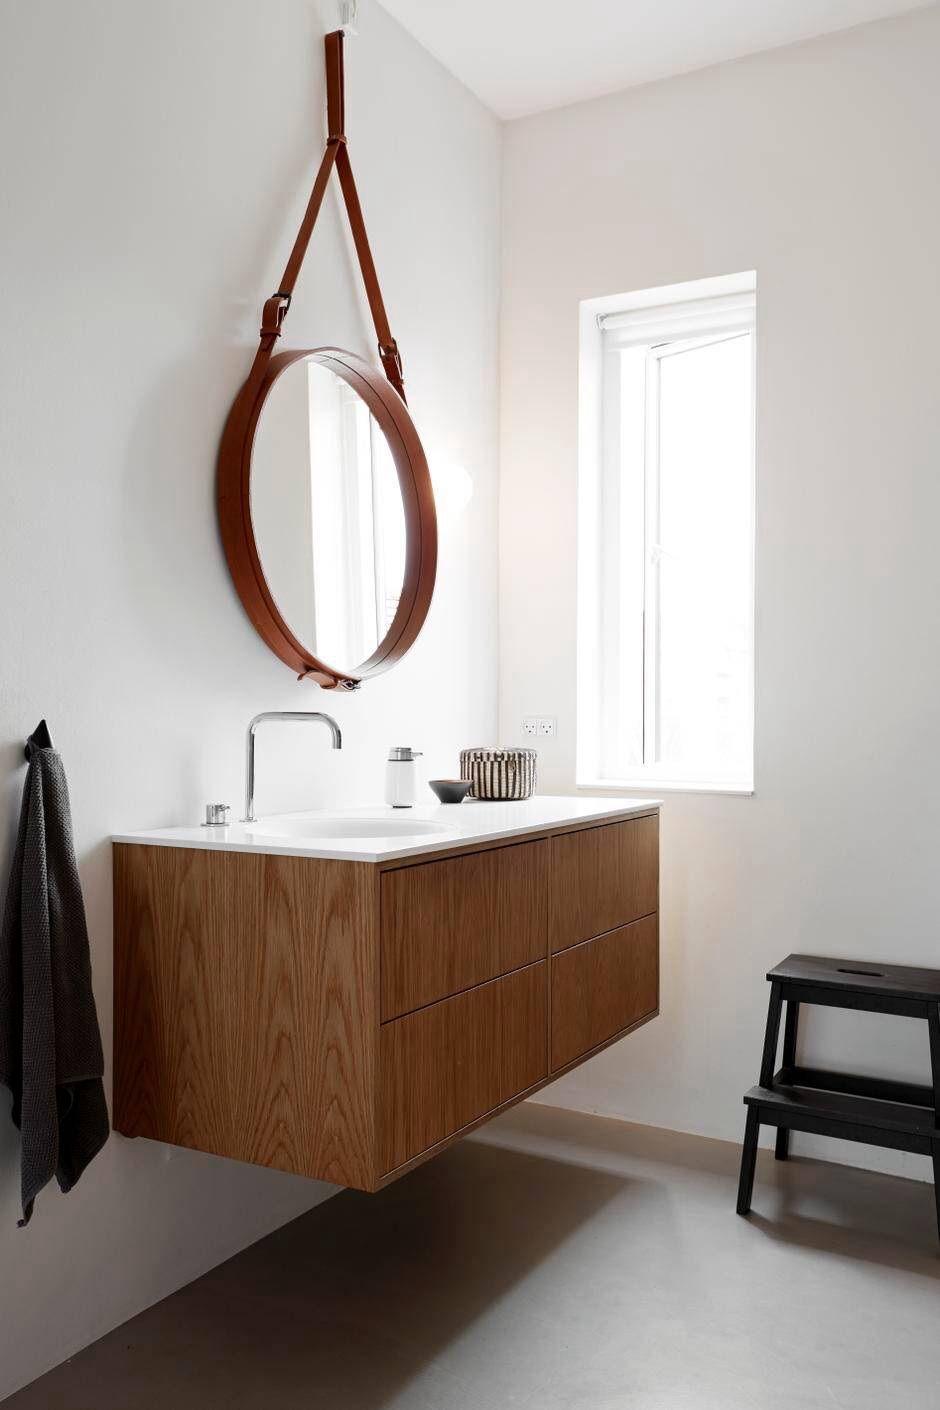 kuma bordplade og eg spejl gubi skammel ikea armatur vola knage normann s bedispenser. Black Bedroom Furniture Sets. Home Design Ideas